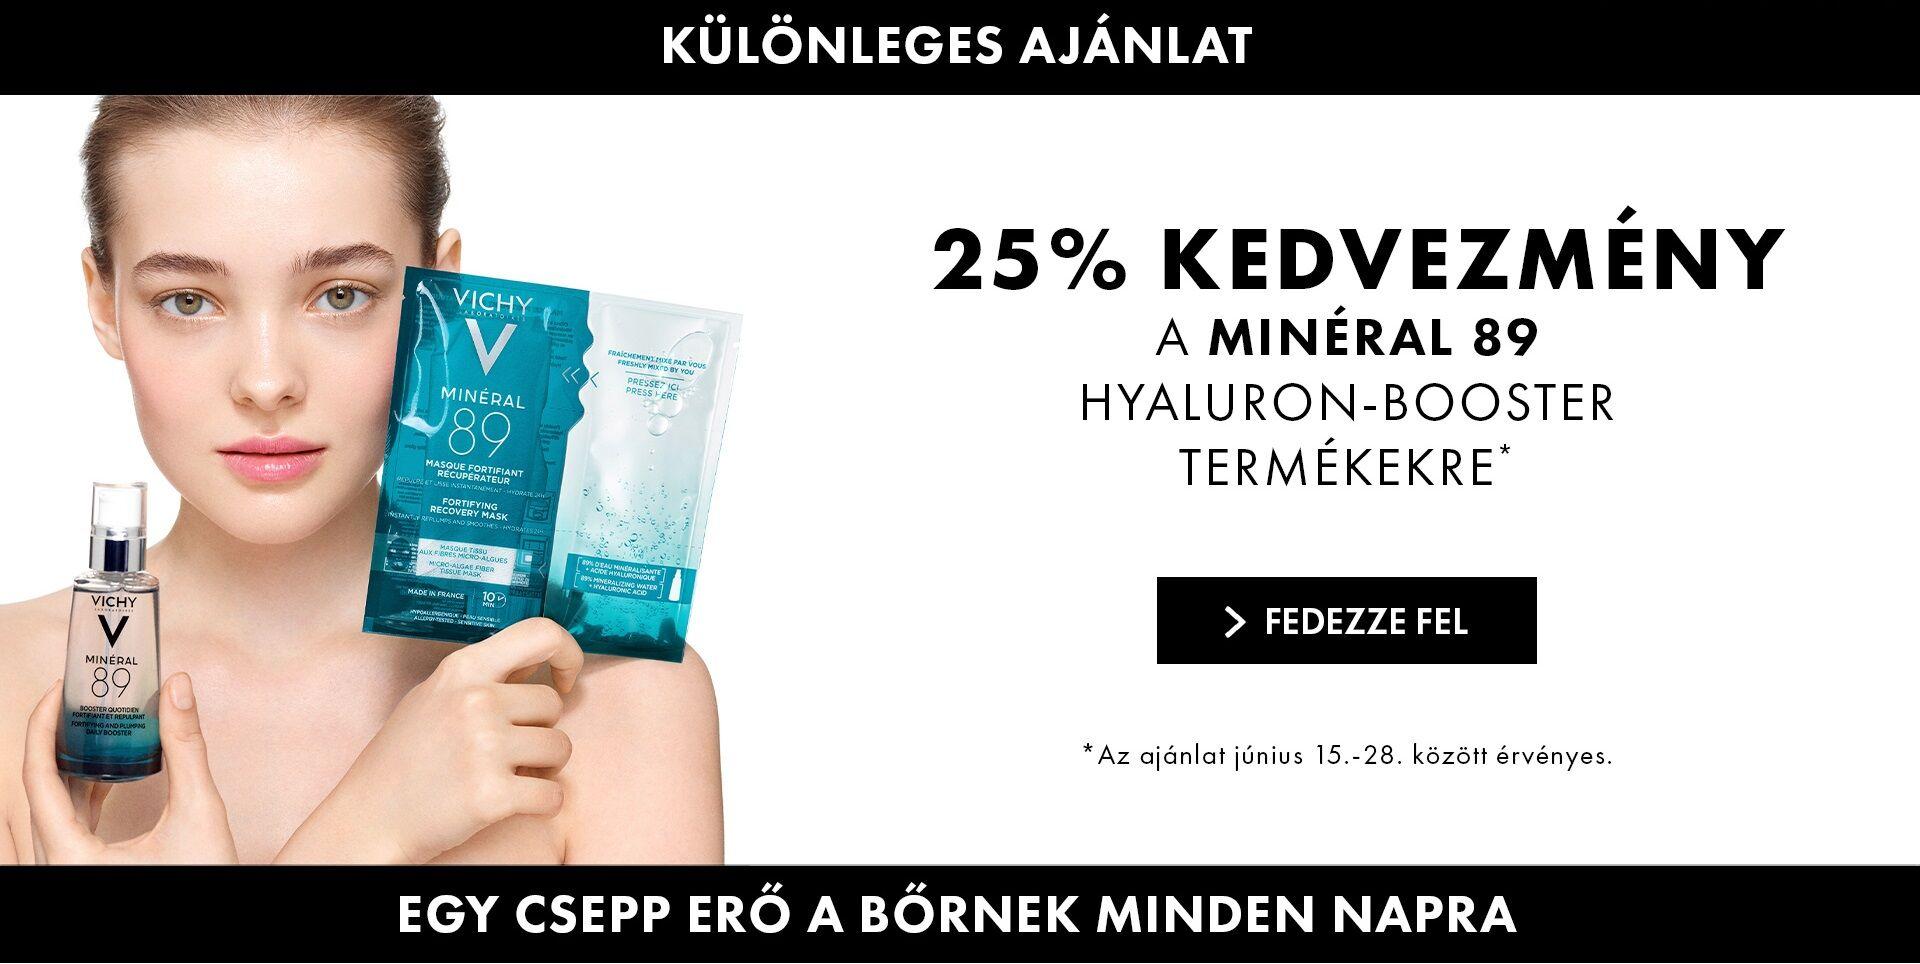 Vichy Minéral 89 Hyaluron Booster termékeket 25% kedvezménnyel kínáljuk!